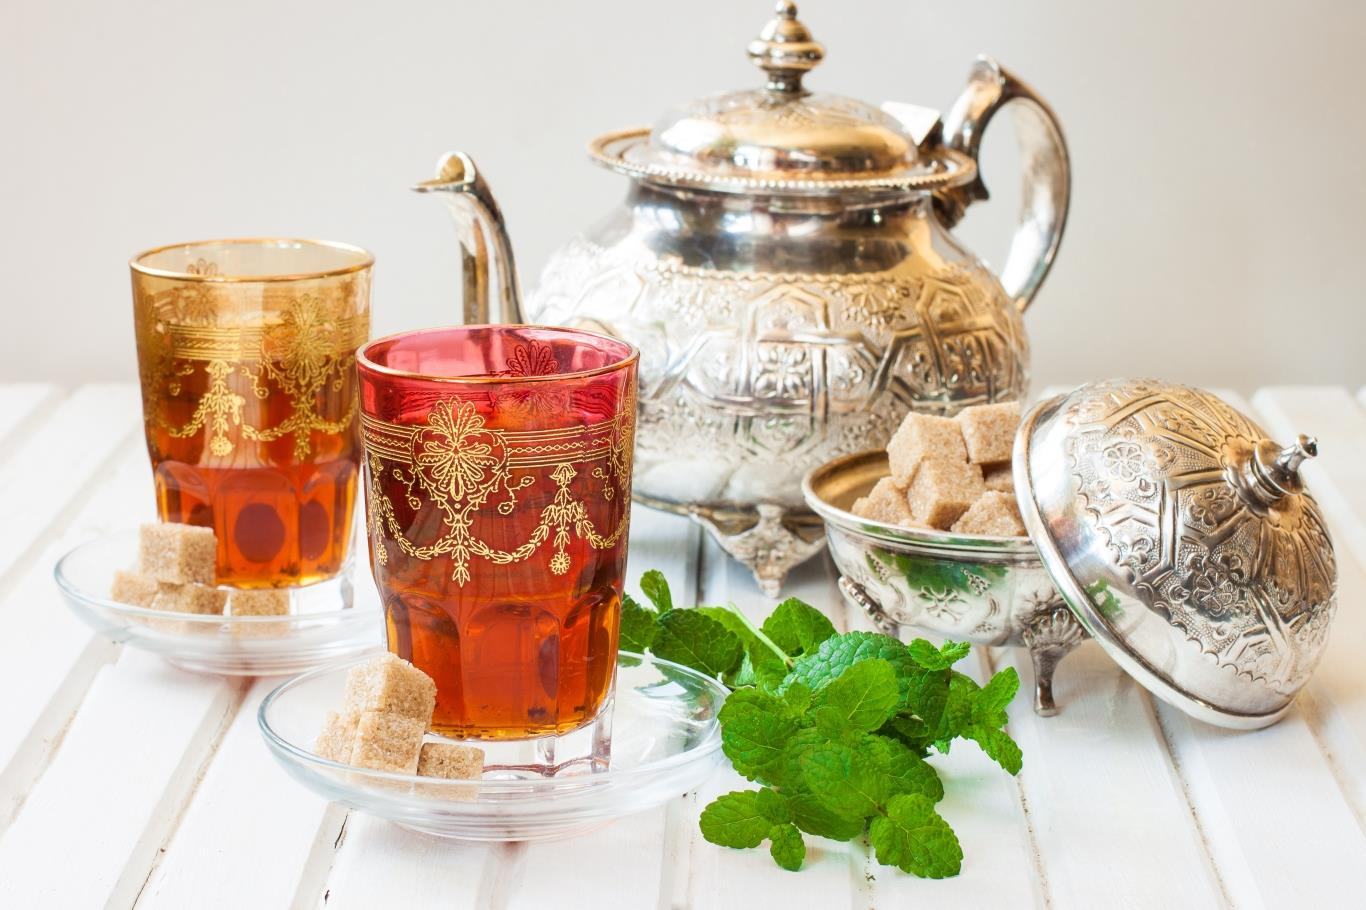 trà thượng hạn